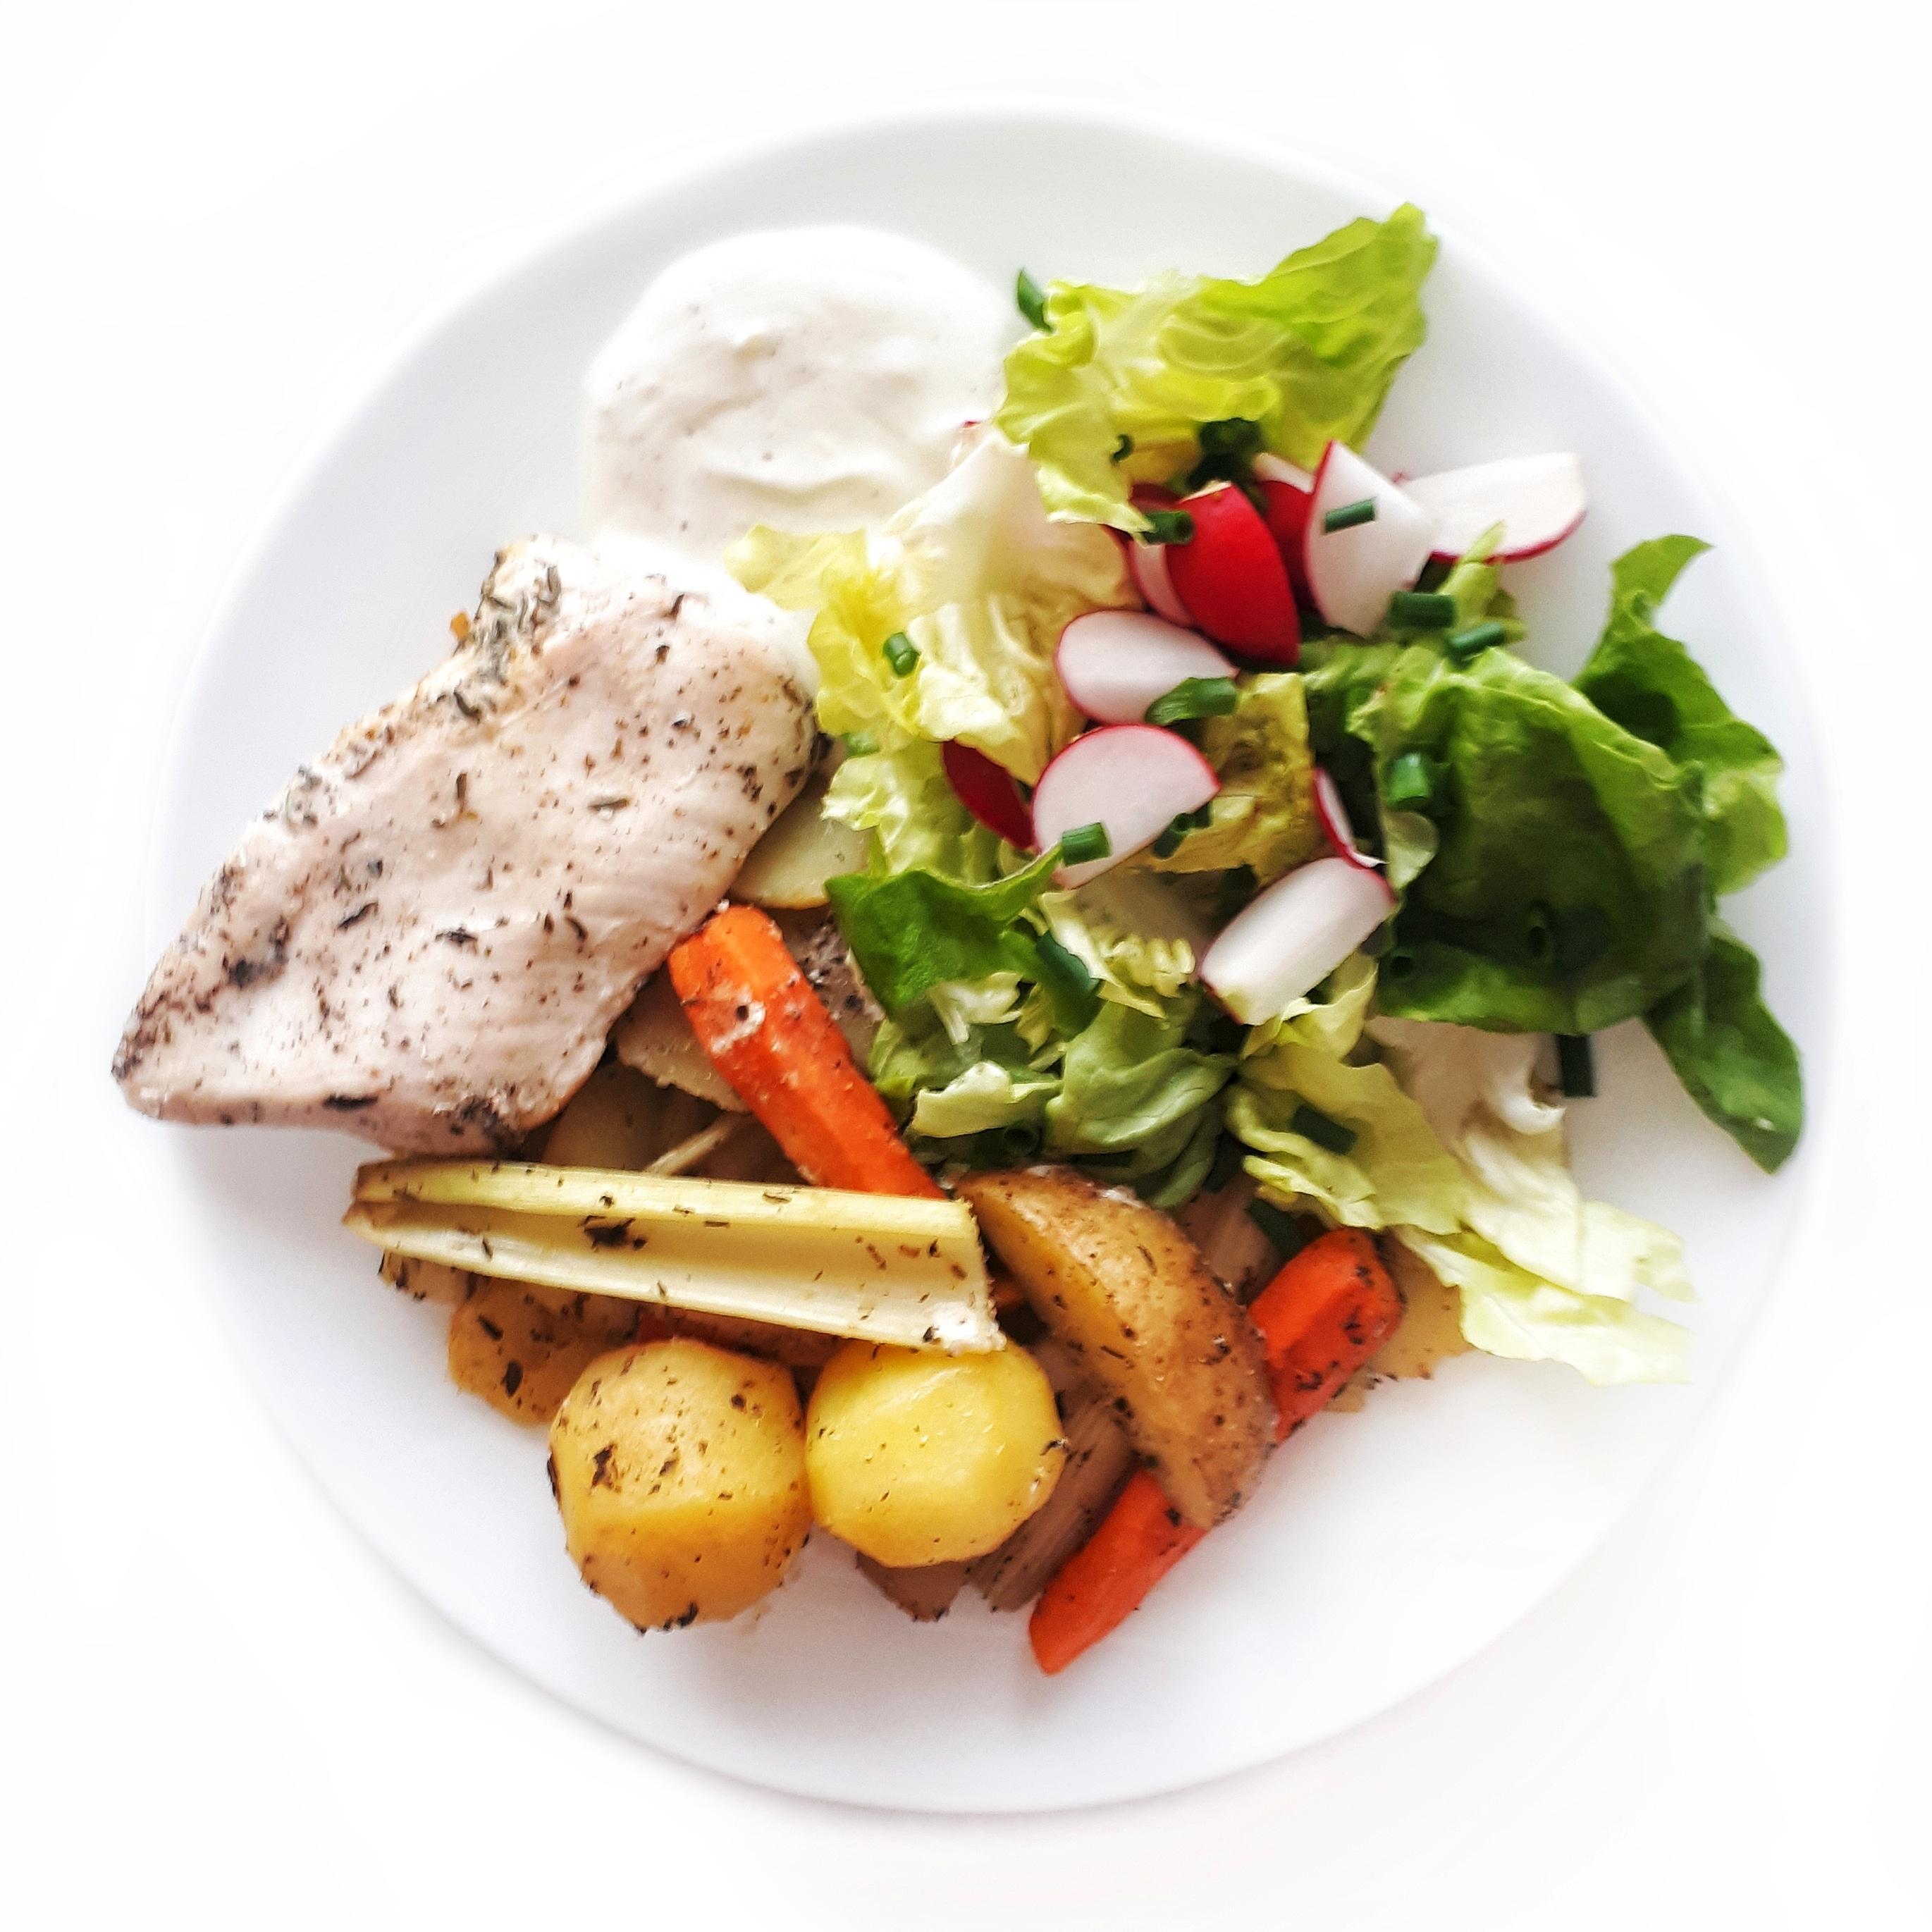 Pieczony filet z indyka z warzywami